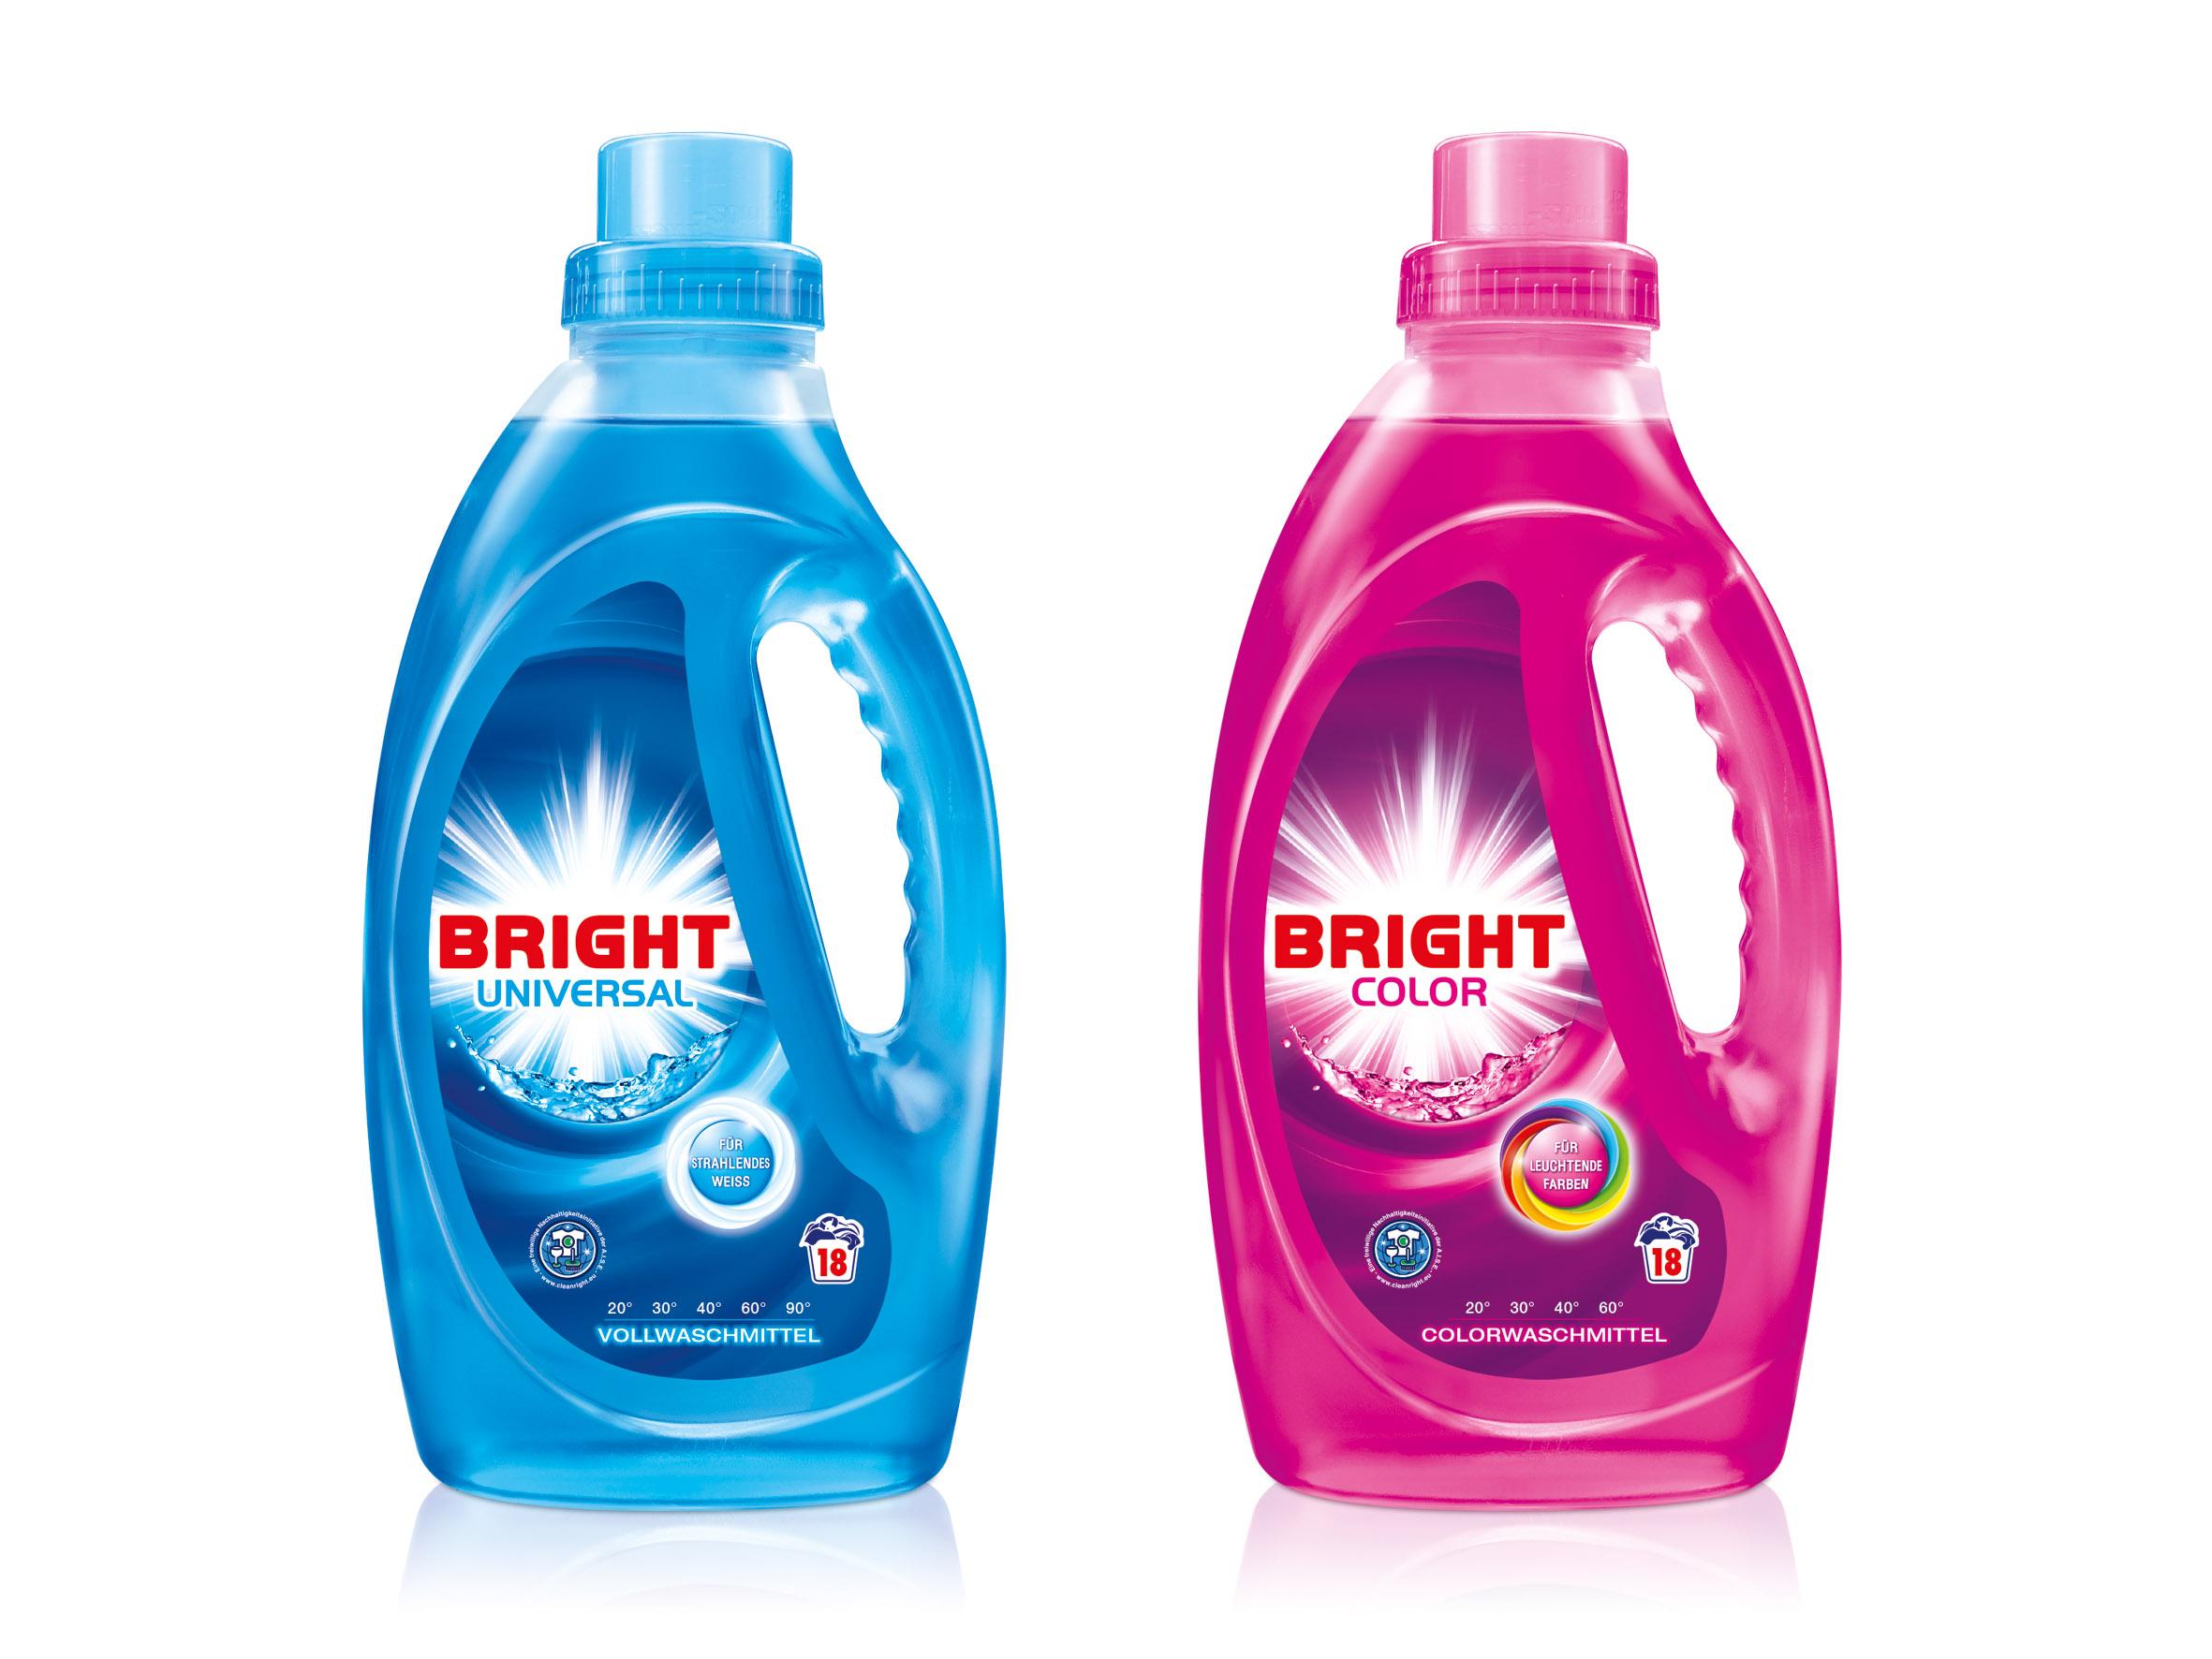 Bright Waschmittel 03